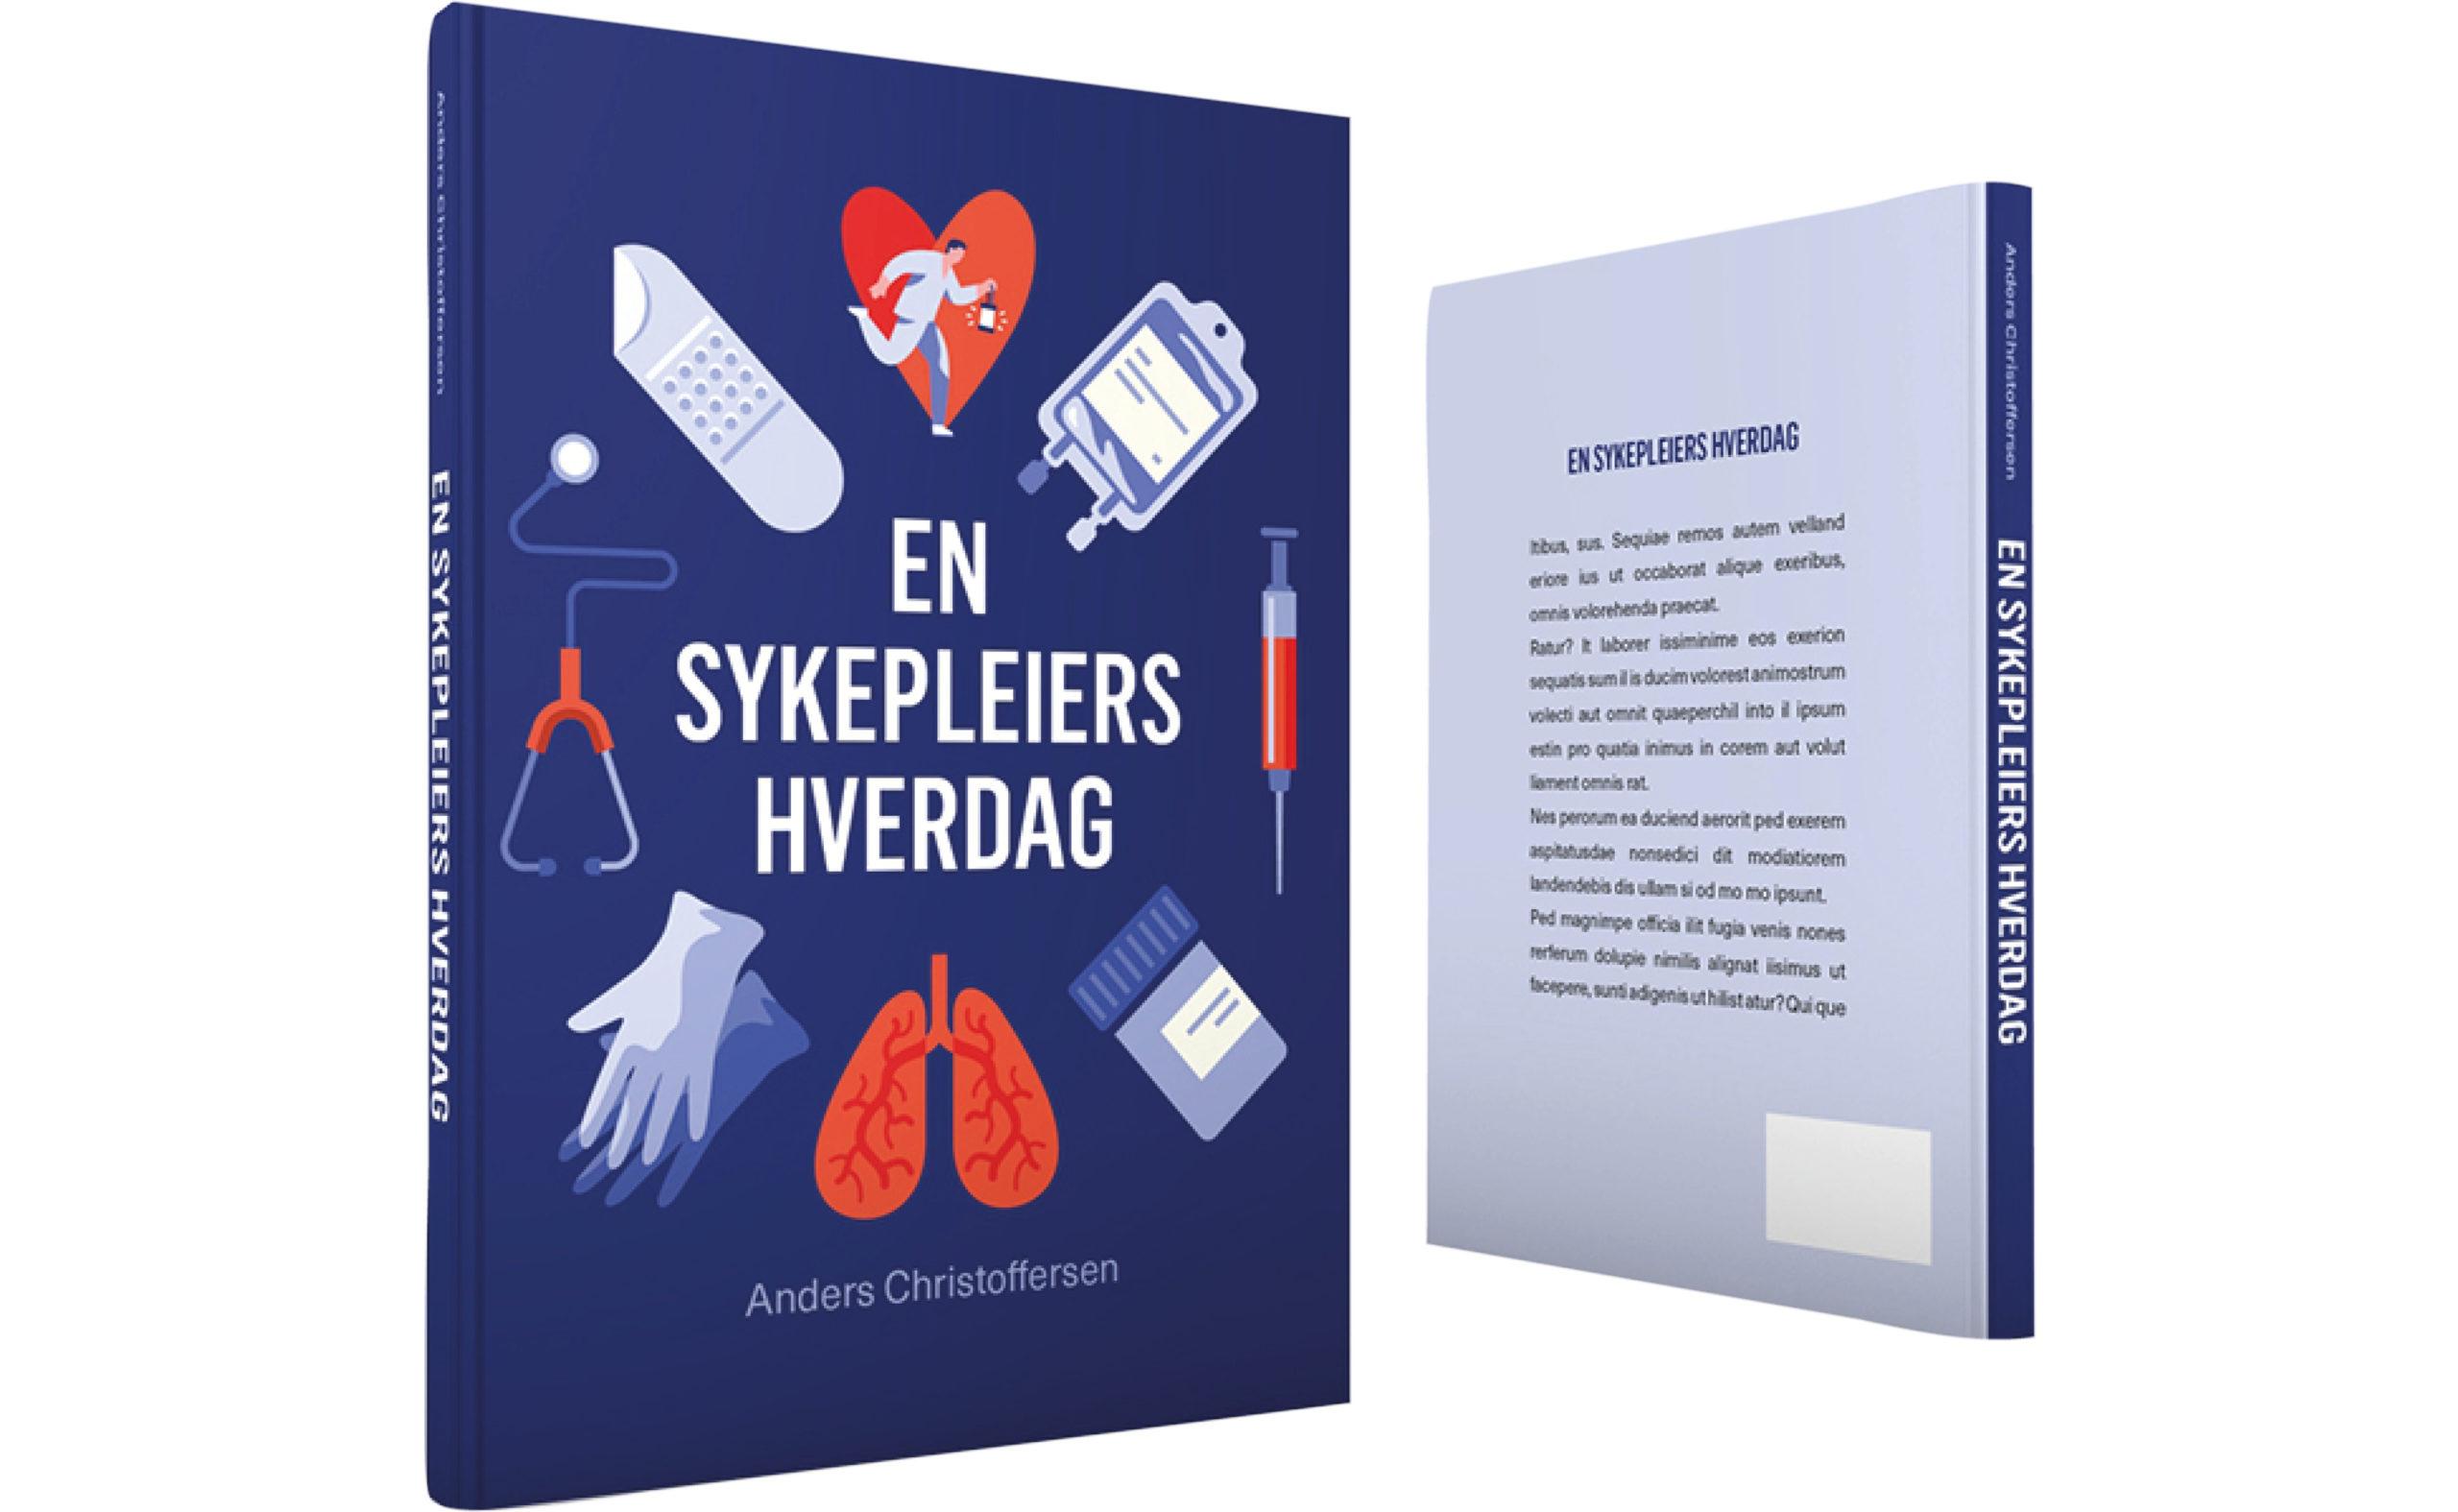 Bilde av boken En sykepleiers hverdag, forfatter Anders Christoffersen, fra Cingulum AS